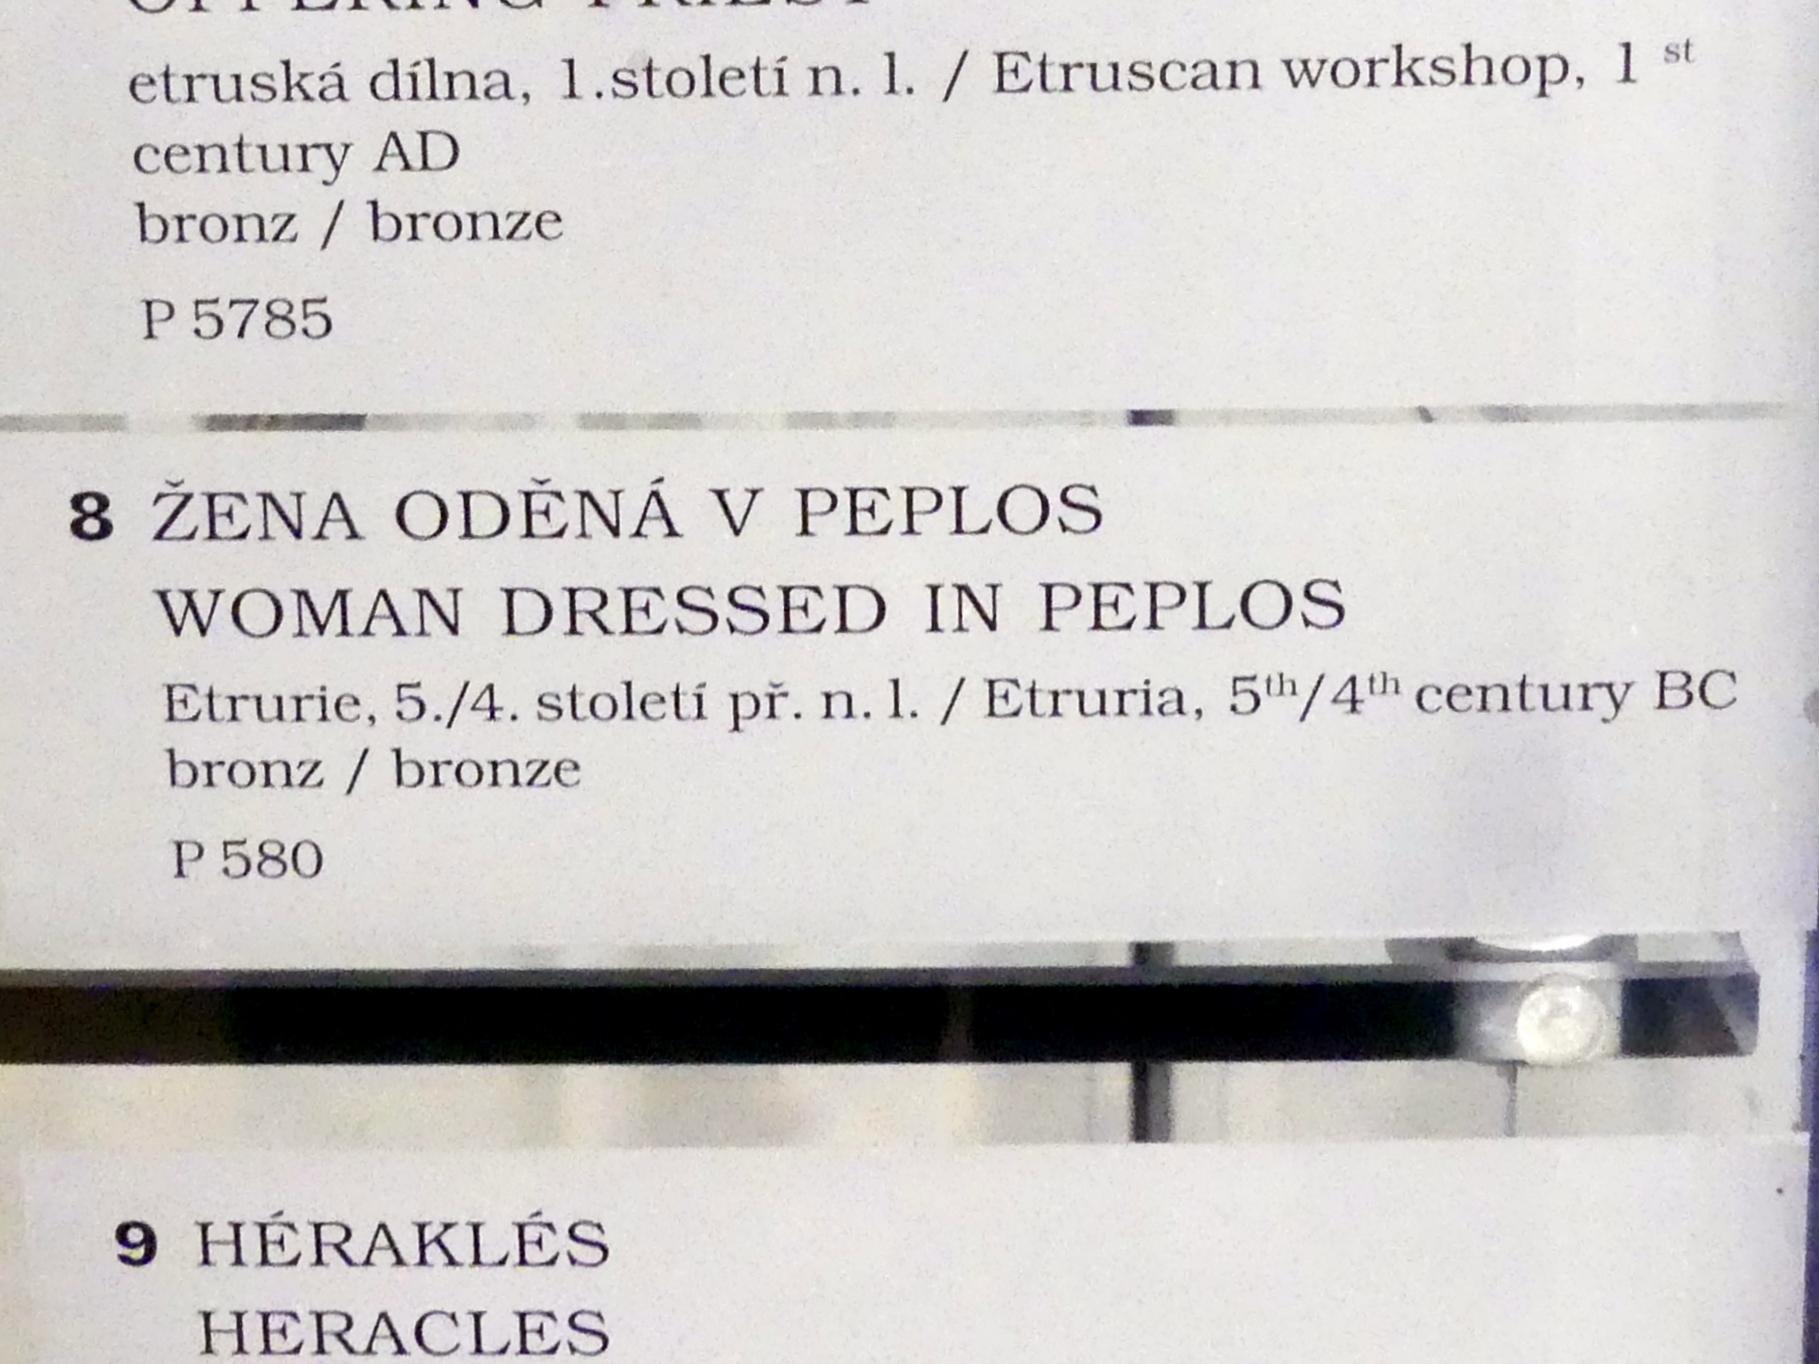 Statue einer Frau im Peplos (Frauenbekleidung im antiken Griechenland), 500 - 300 v. Chr., Bild 2/2